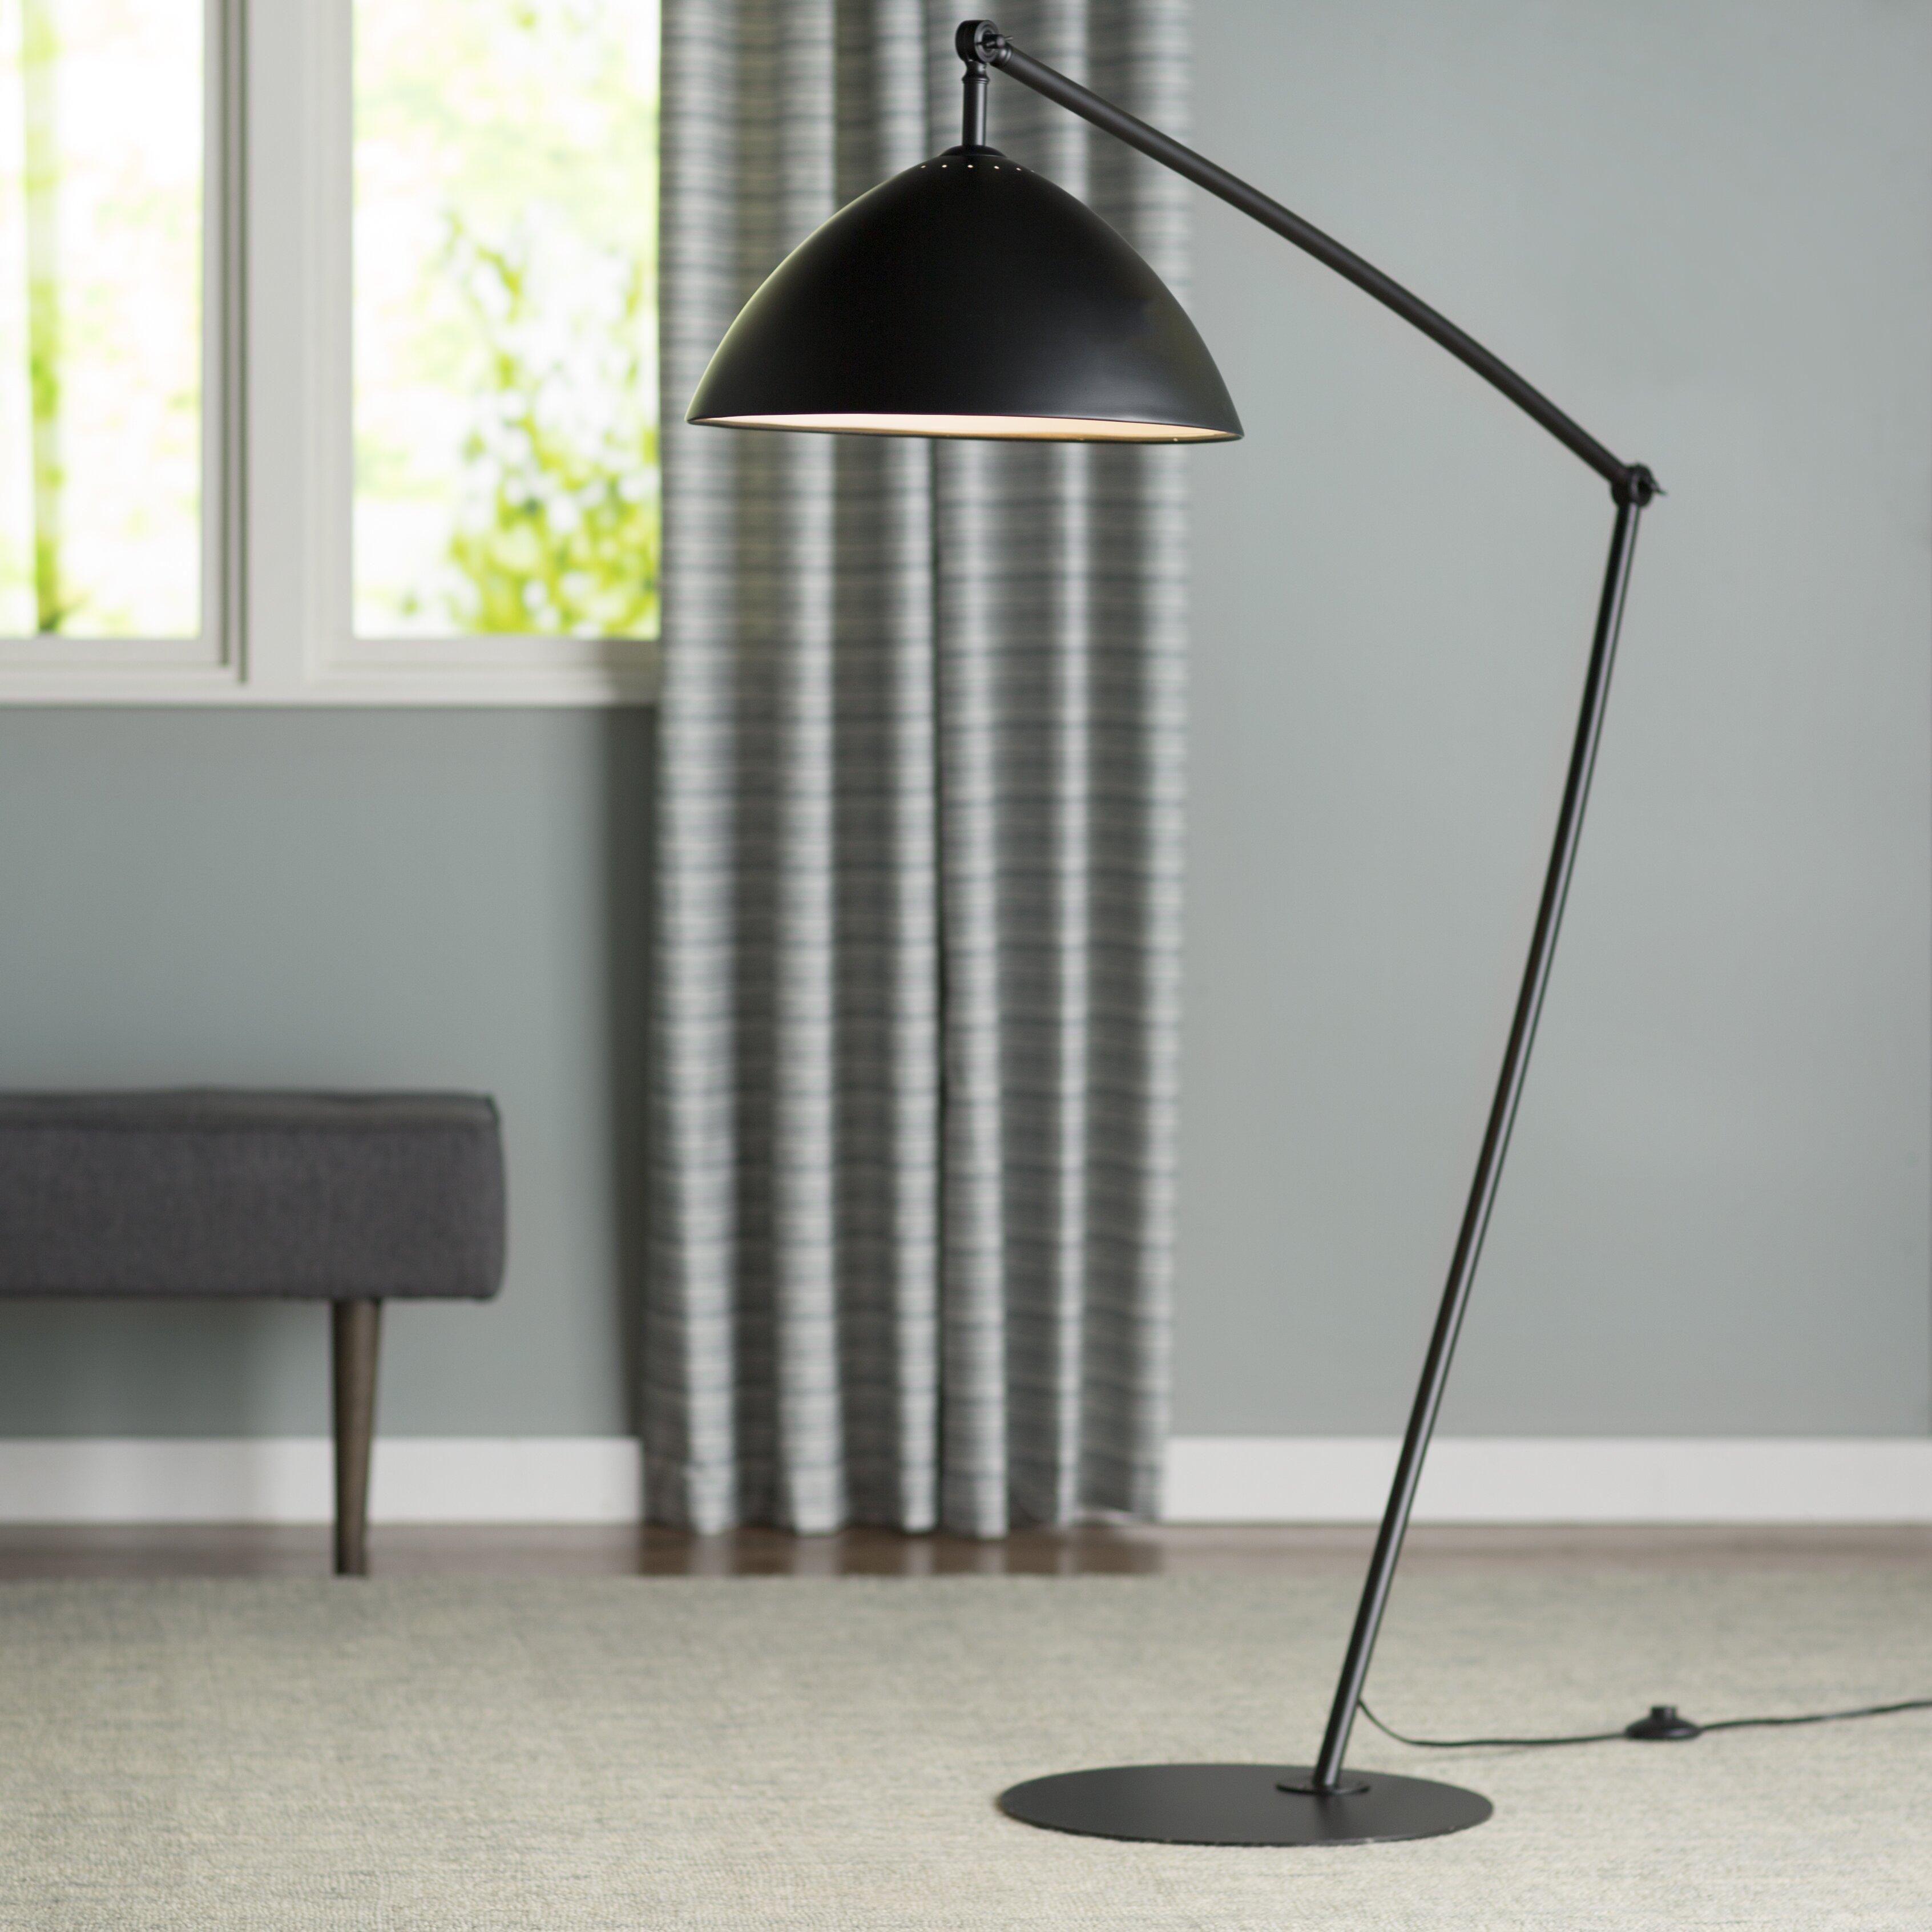 lighting lamps modern floor lamps langley street sku lgly1532. Black Bedroom Furniture Sets. Home Design Ideas